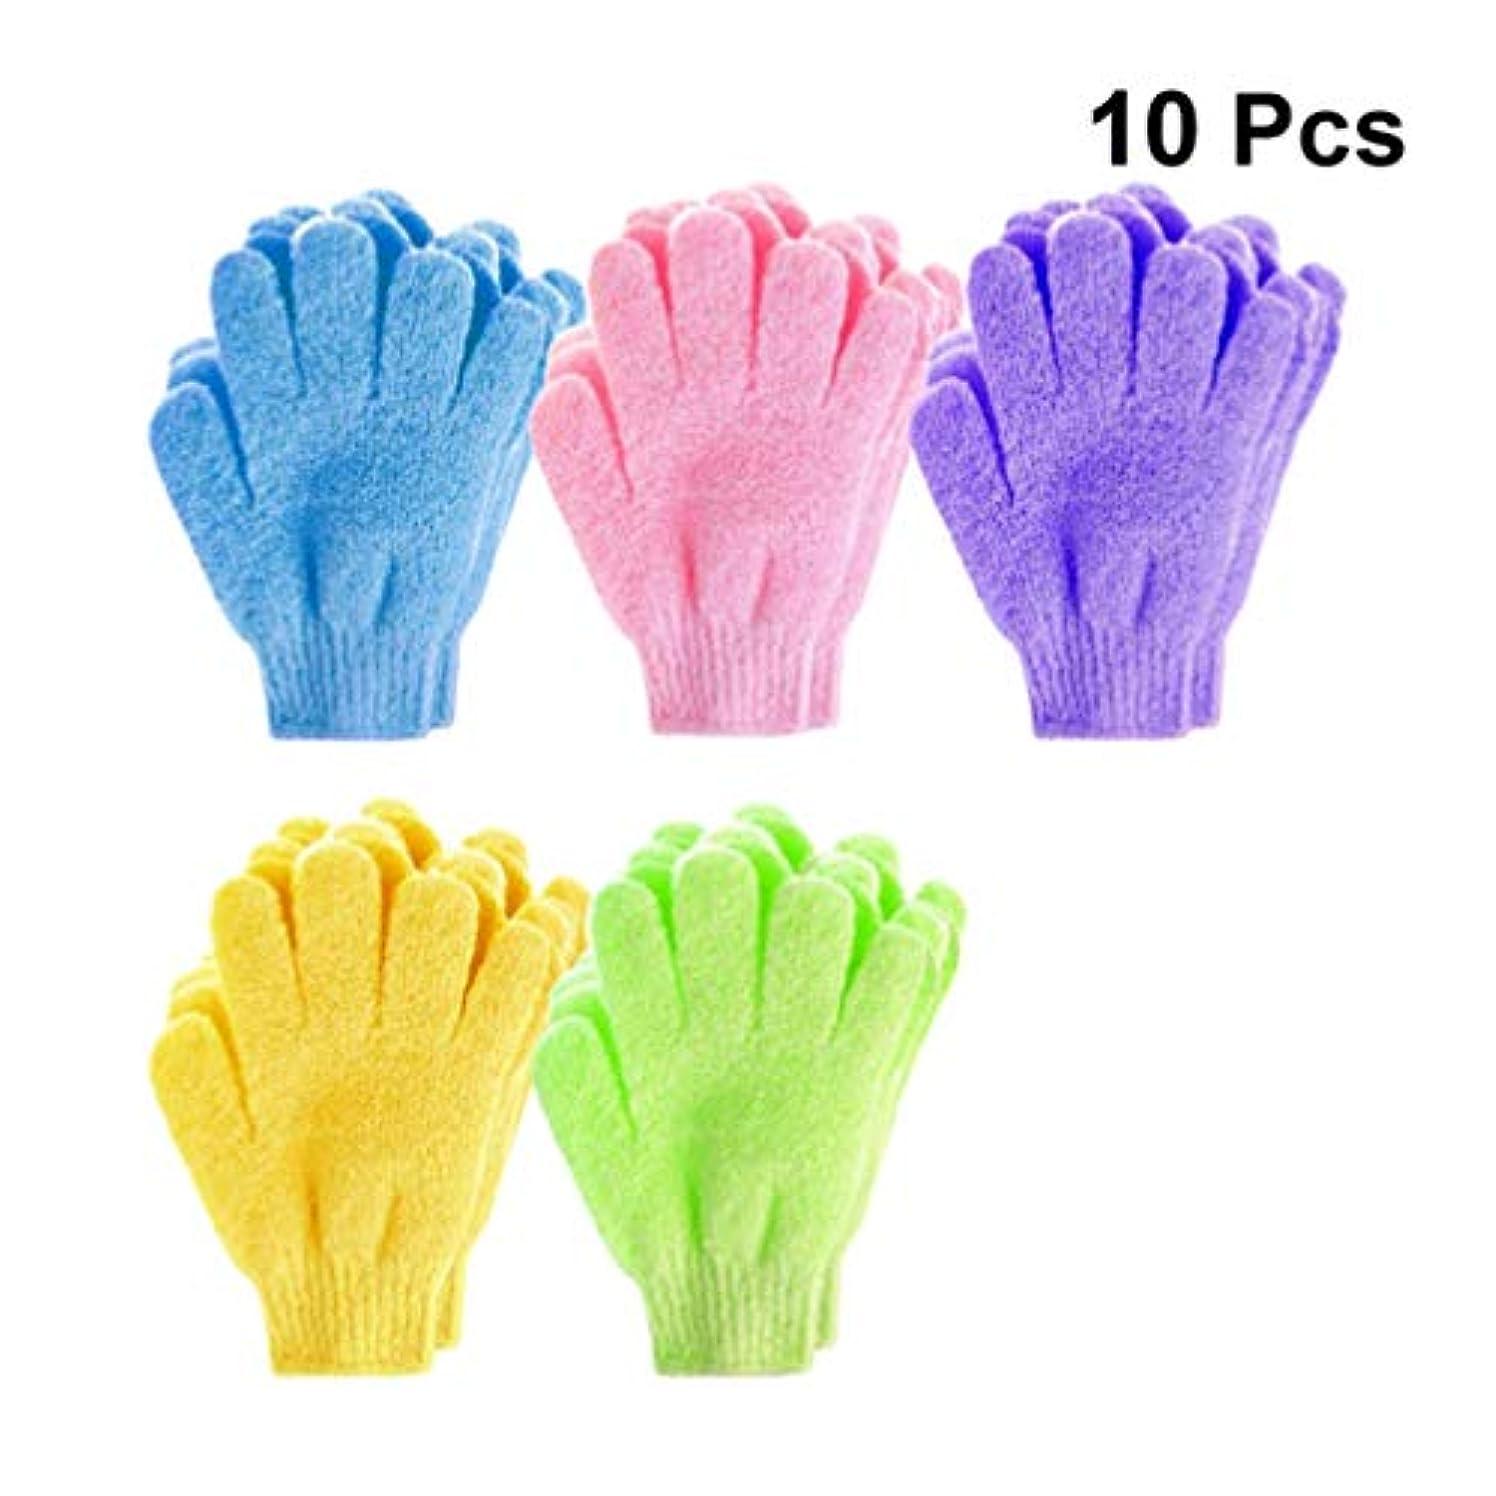 洗練敗北経験者SUPVOX 角質除去手袋両面シャワー風呂手袋ボディスクラバー角質除去背中のマッサージ手袋女性用男性子供20pcs